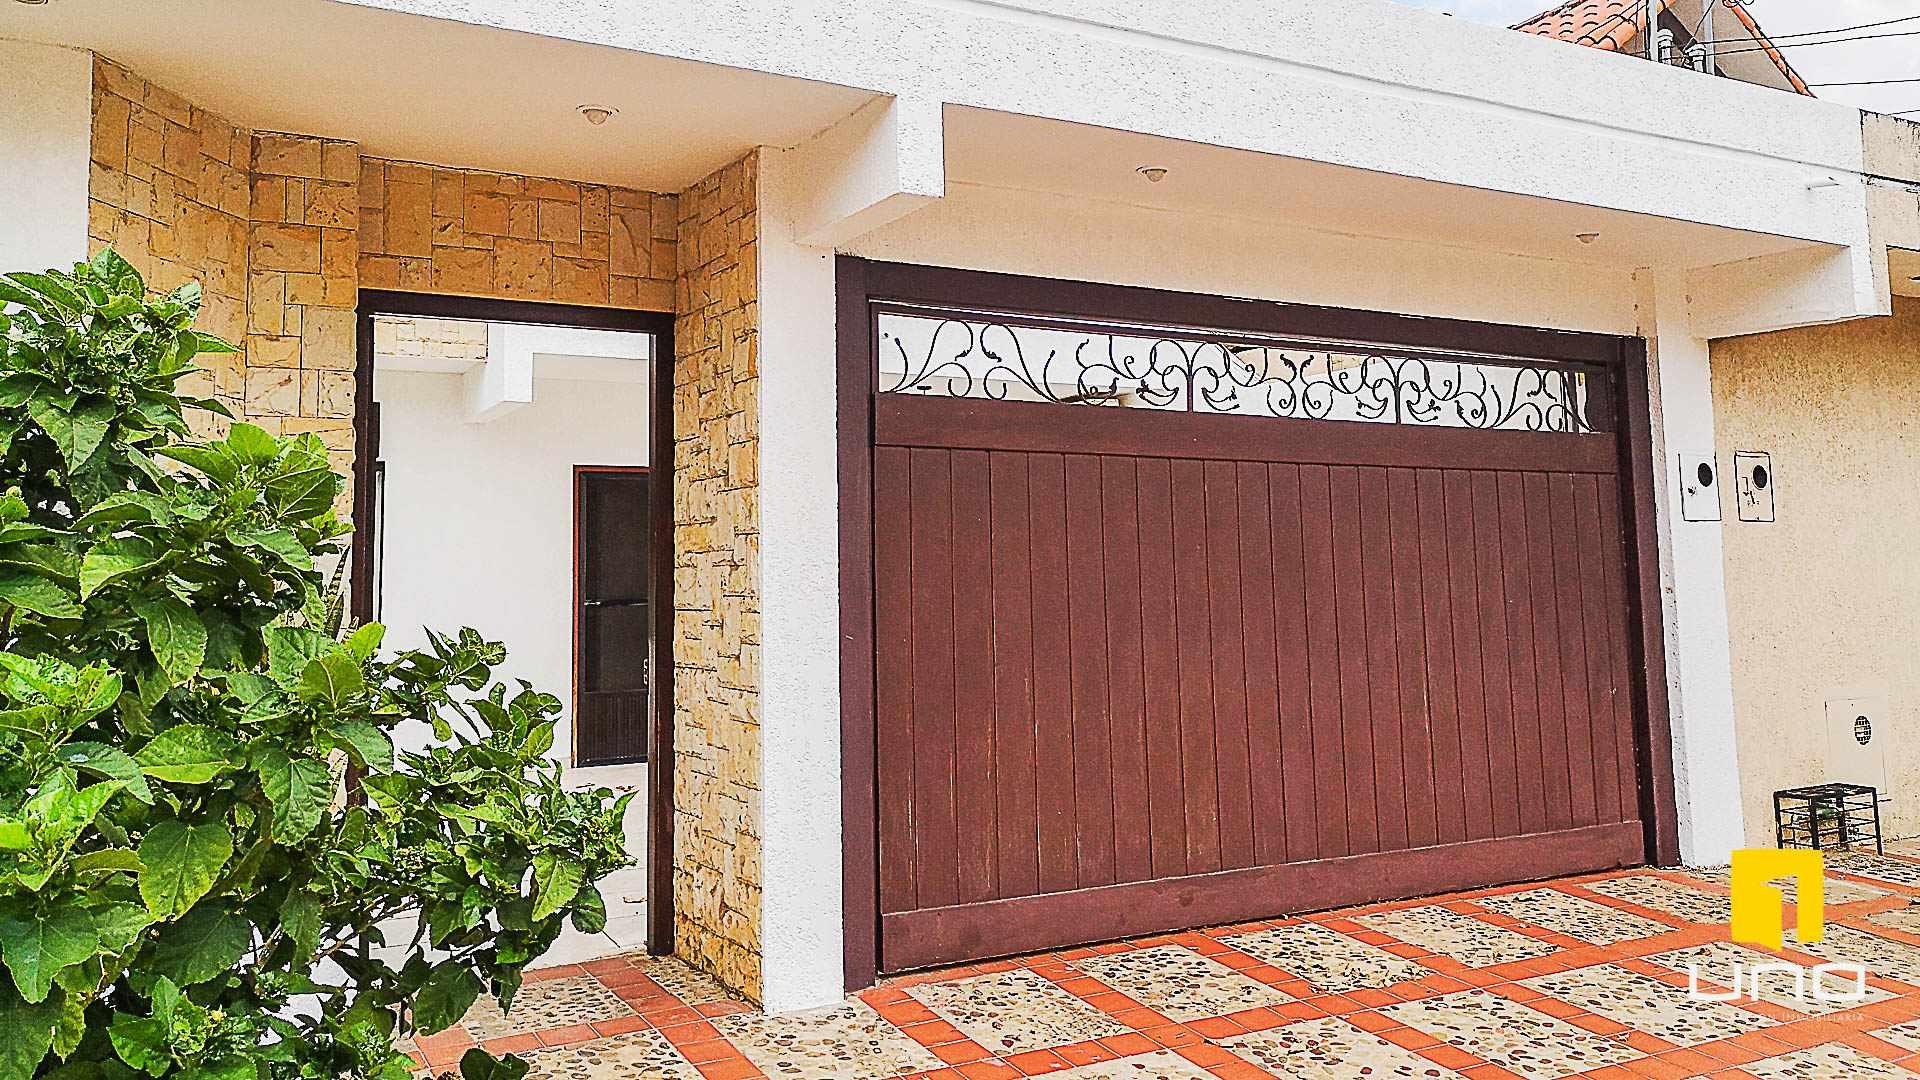 Casa en Venta $us 150.000 VENDO CASA AV ALEMANA DENTRO 3ER ANILLO TIPO DUPLEX Foto 2